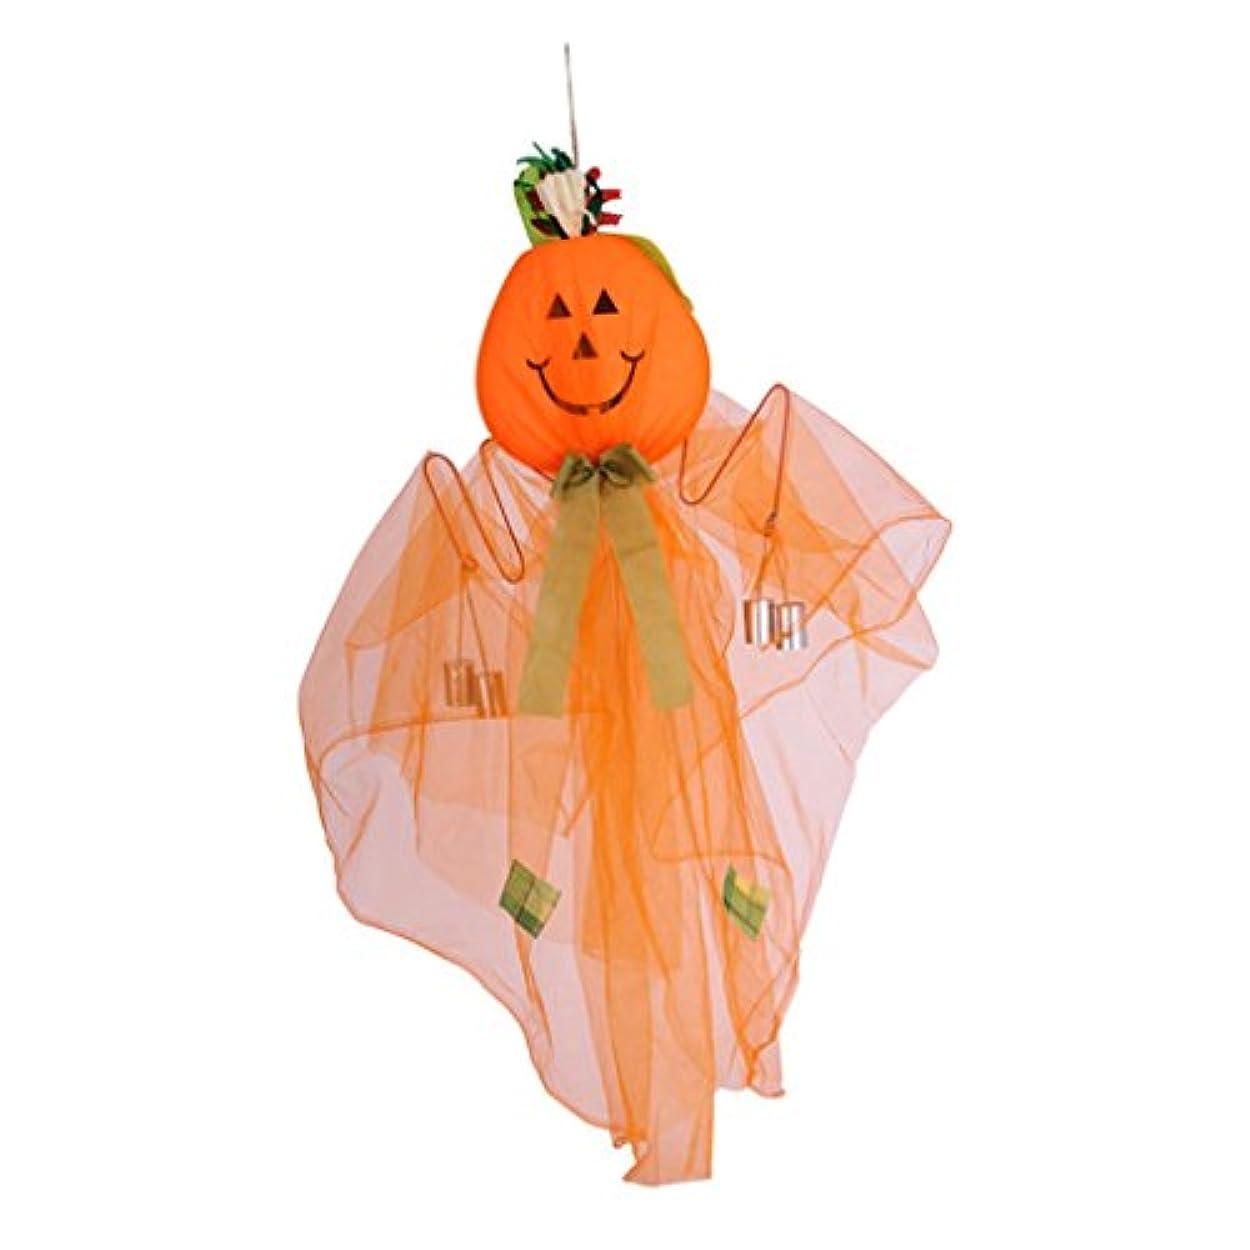 おびえた摂氏度関係ハロウィーンの装飾カボチャの風鈴の装飾の小道具装飾的なハロウィーン用品 (Color : ORANGE)